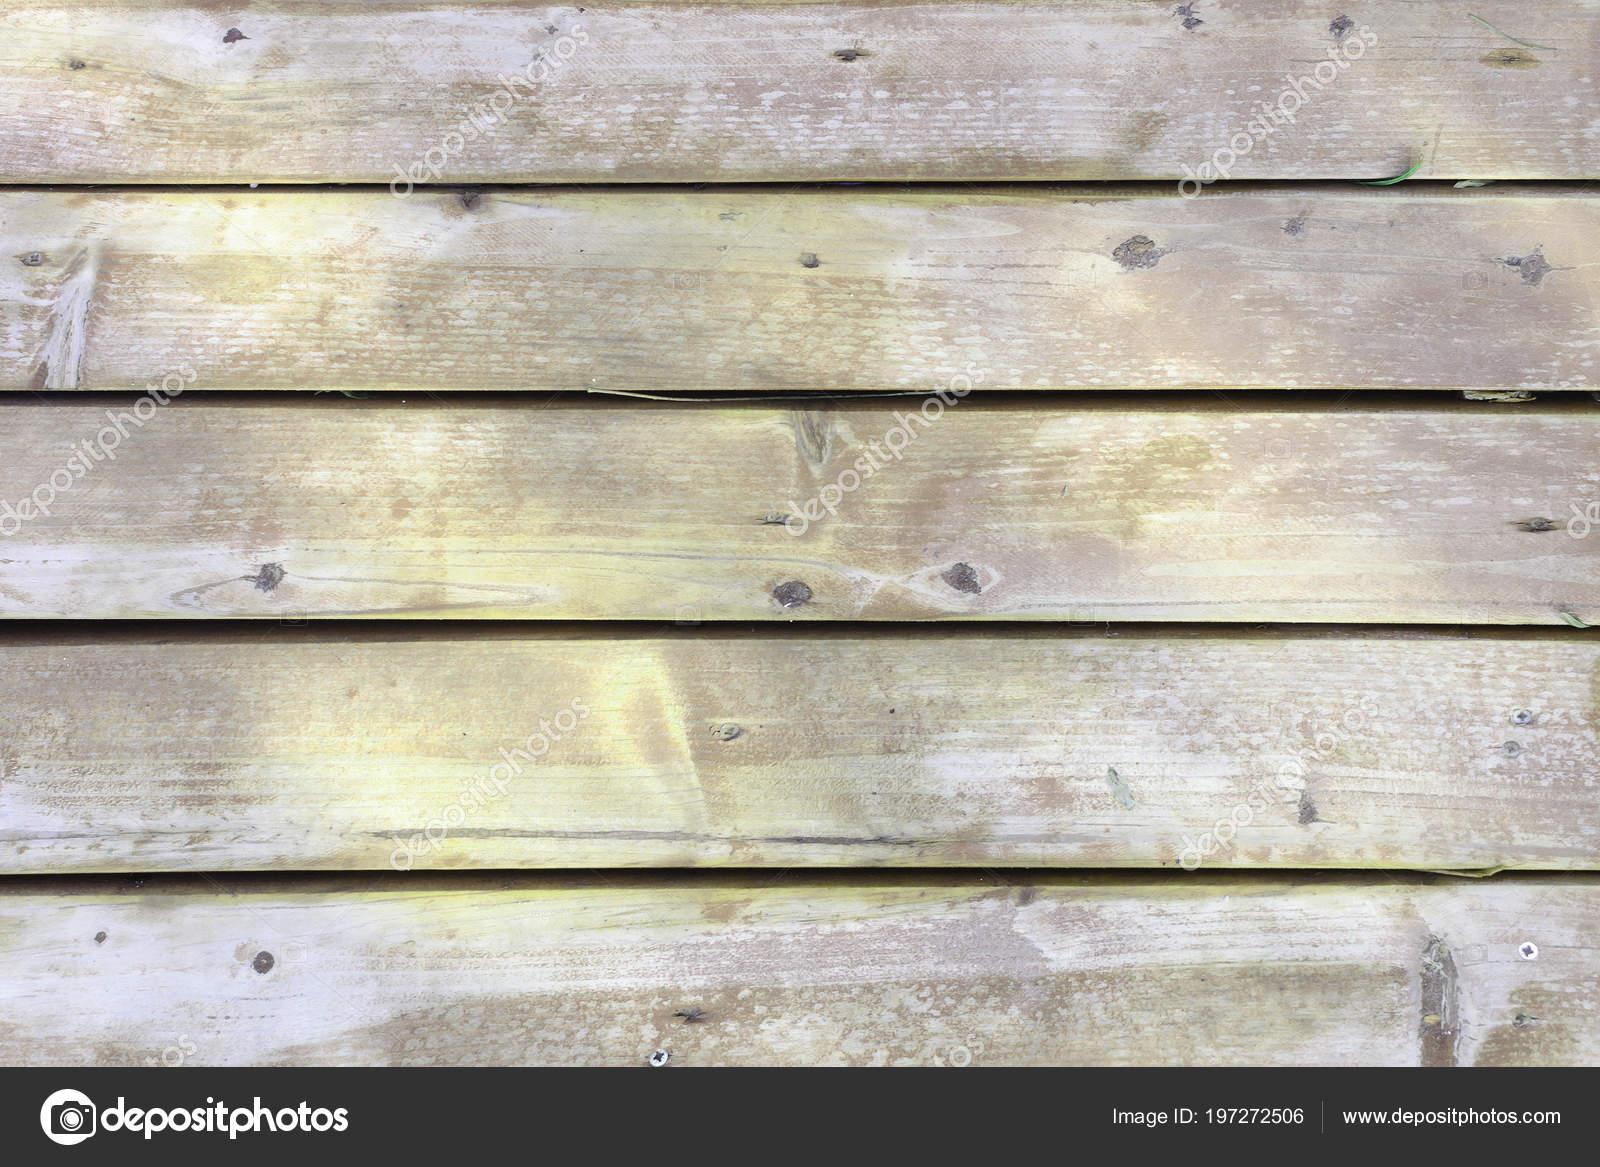 Mooie Houten Plank Voor Aan De Muur.Een Oude Houten Muur Gemaakt Van Planken Gele Ongebruikelijke Plaque